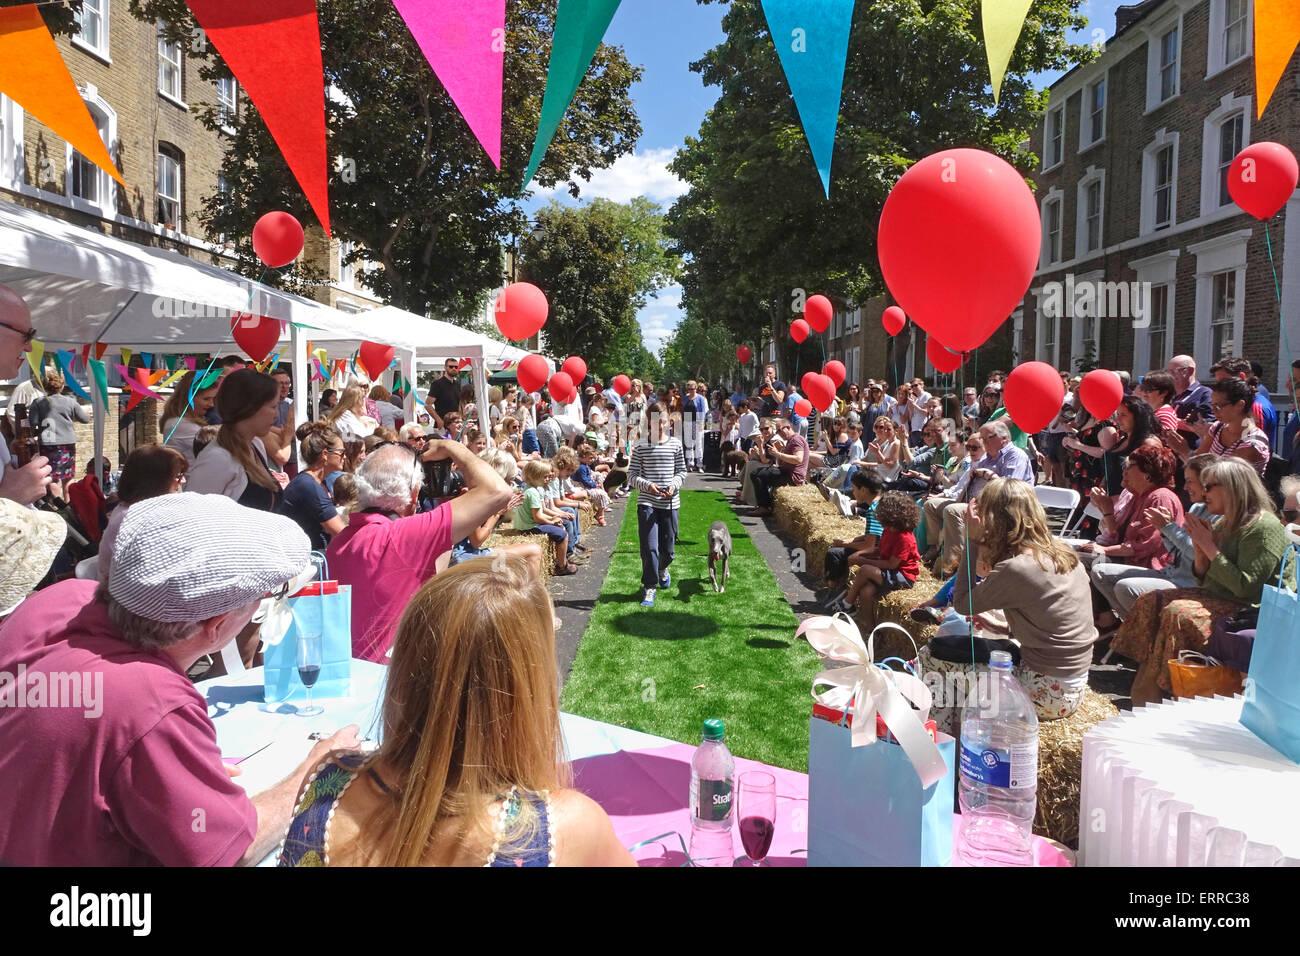 Islington, Londres, 7 juin 2015. Un jour ensoleillé à la grande fête de rue Le Déjeuner en route Photo Stock